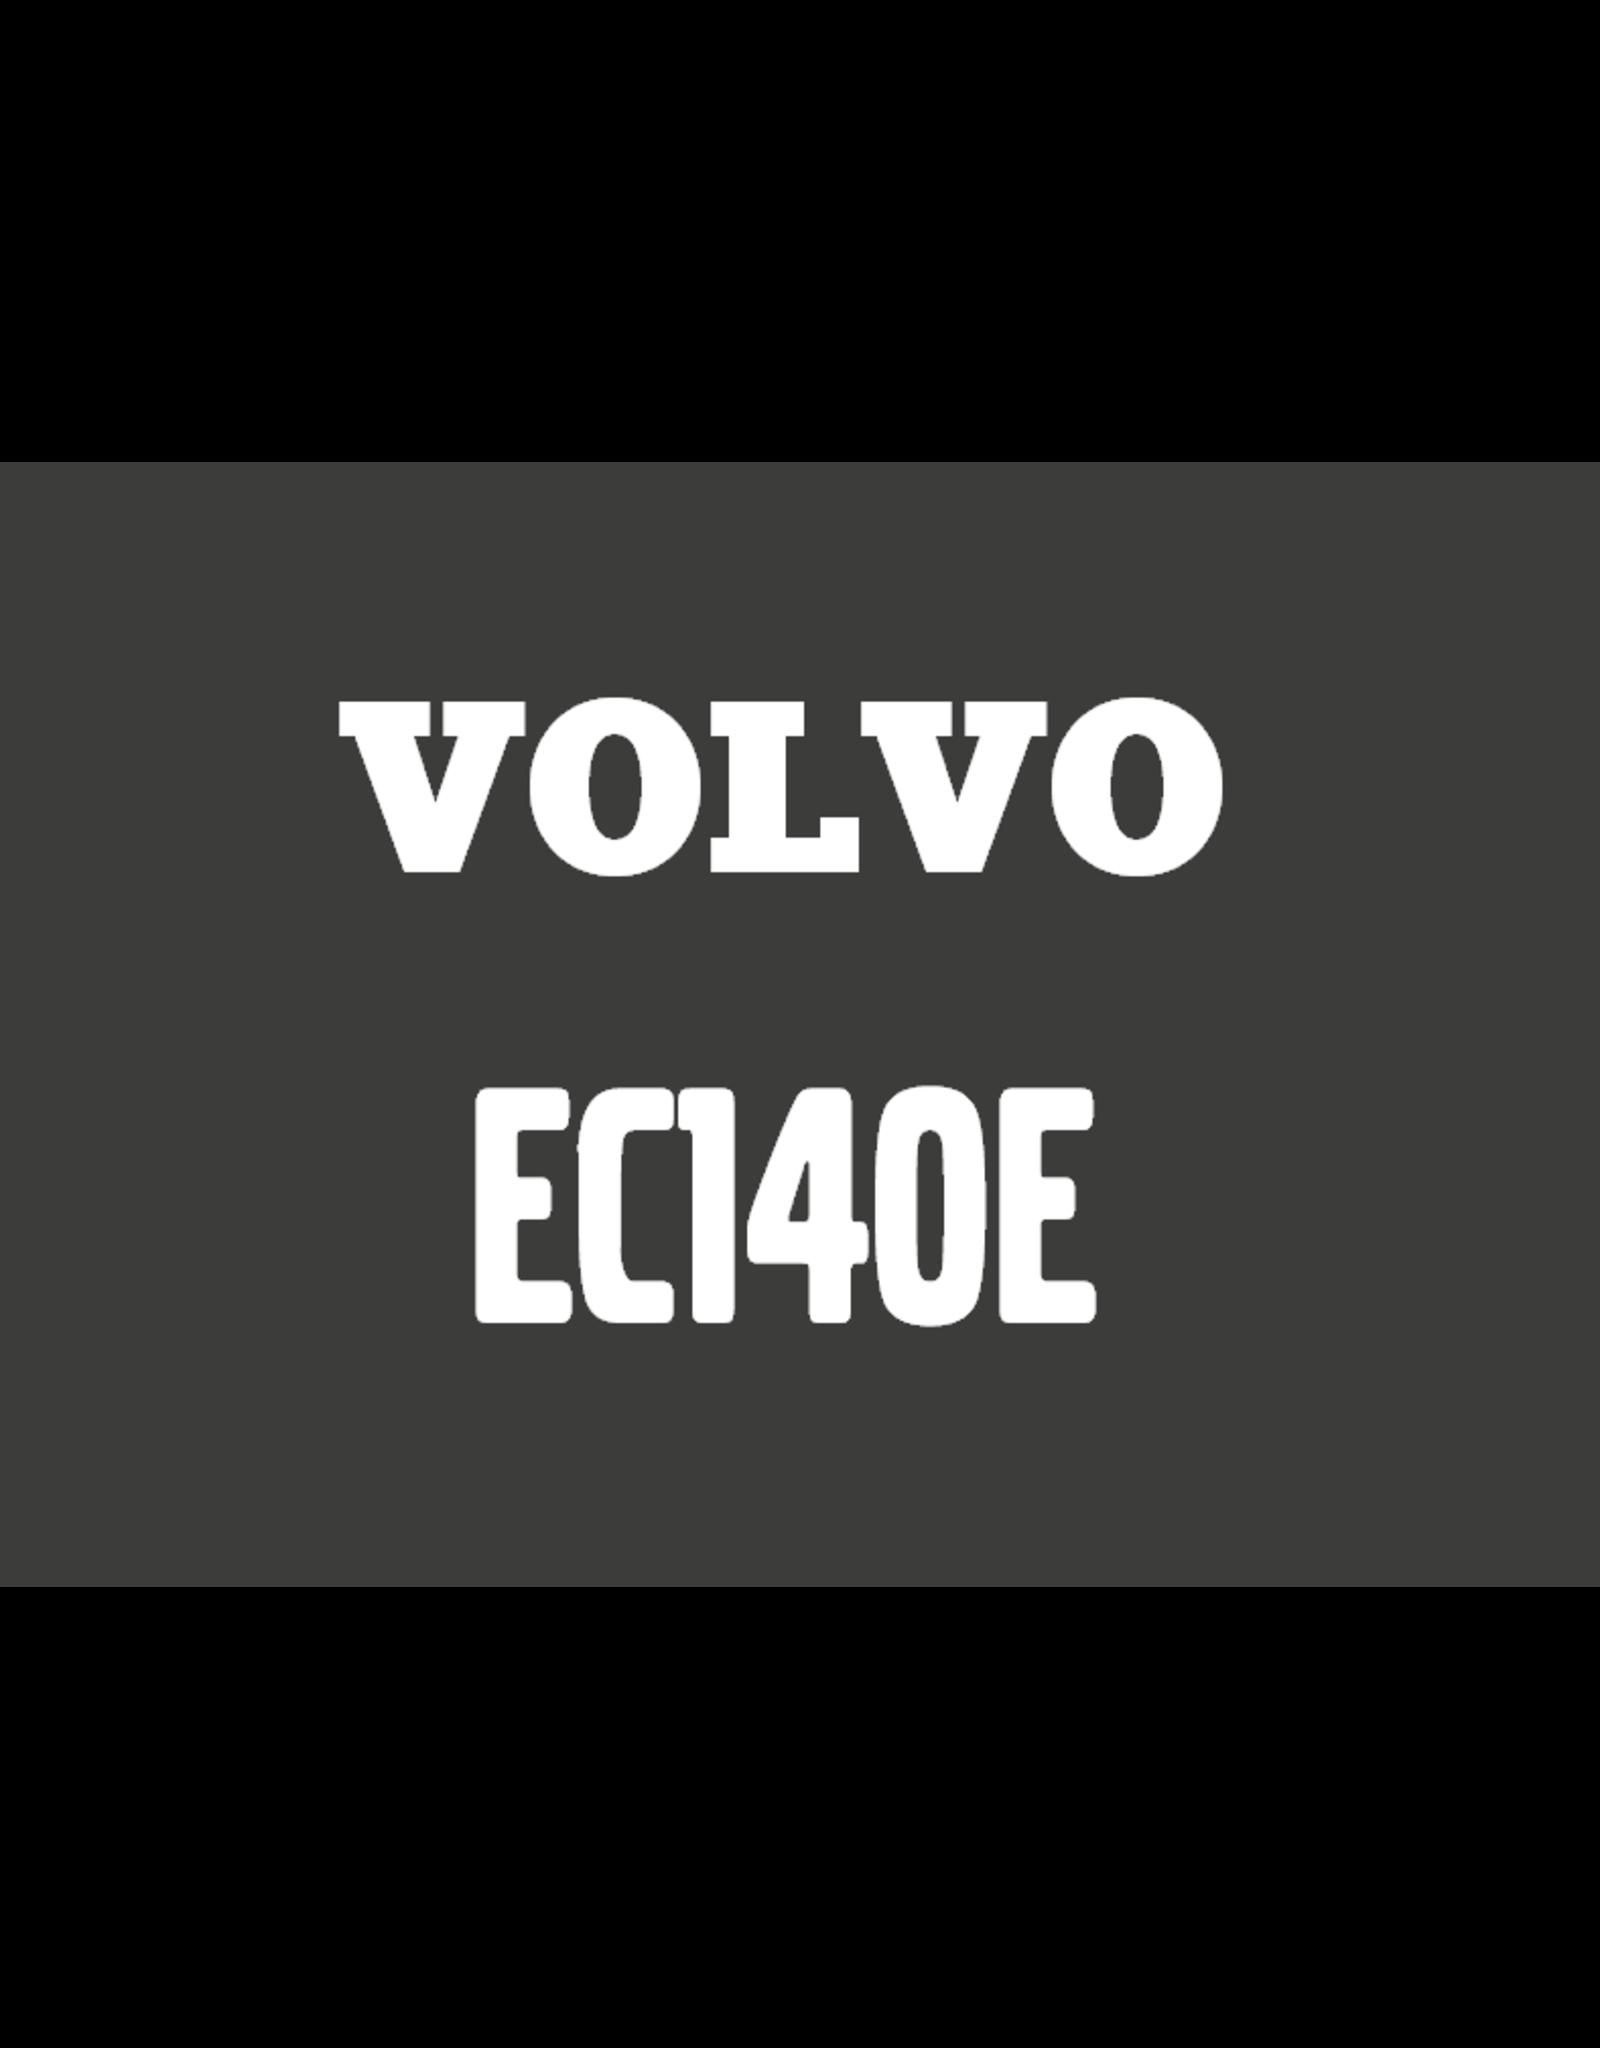 Echle Hartstahl GmbH FOPS for Volvo EC140E